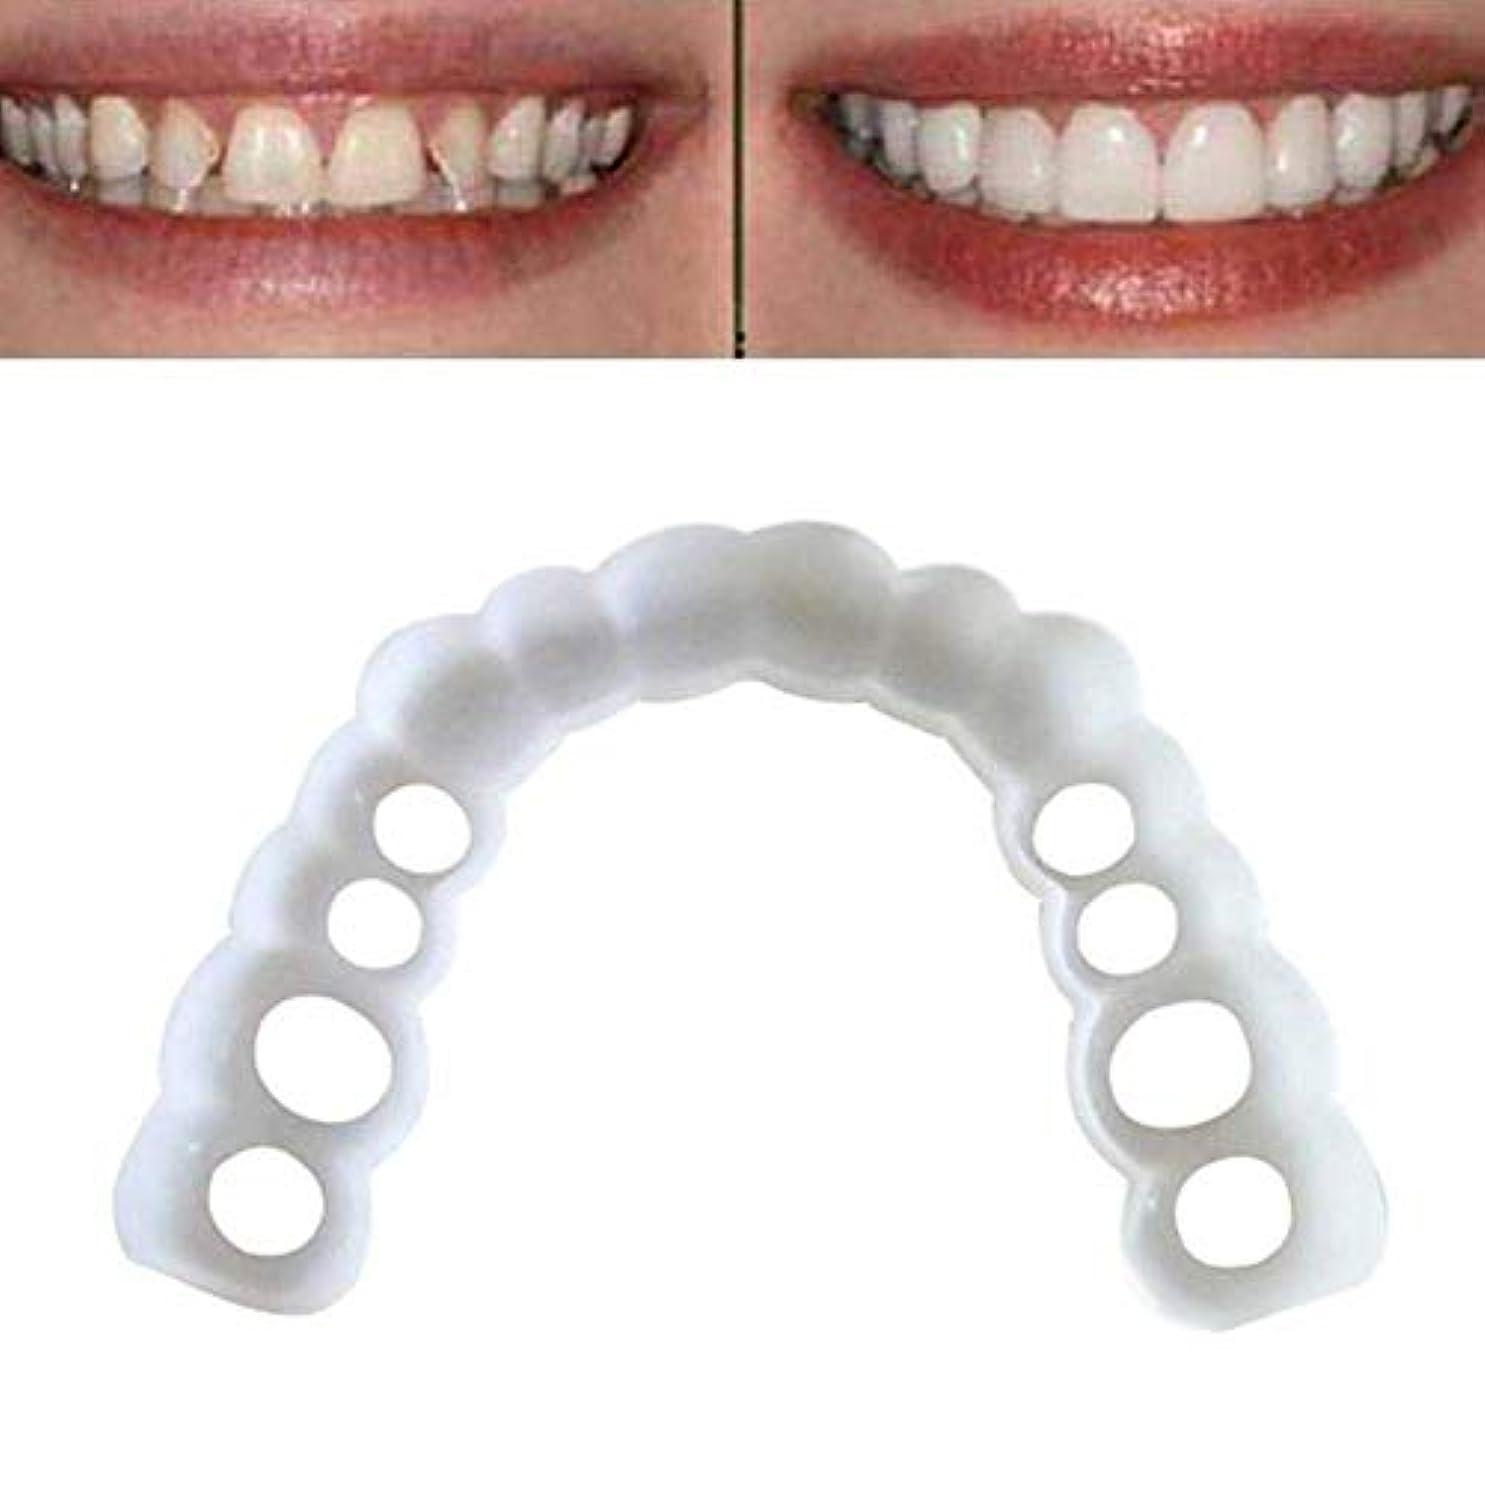 ロードされたクリームスピーカー化粧品偽歯の3ペアは、快適な欠落タフ歯のベニアカバー不規則、染色し、ひび割れた歯を取り付け